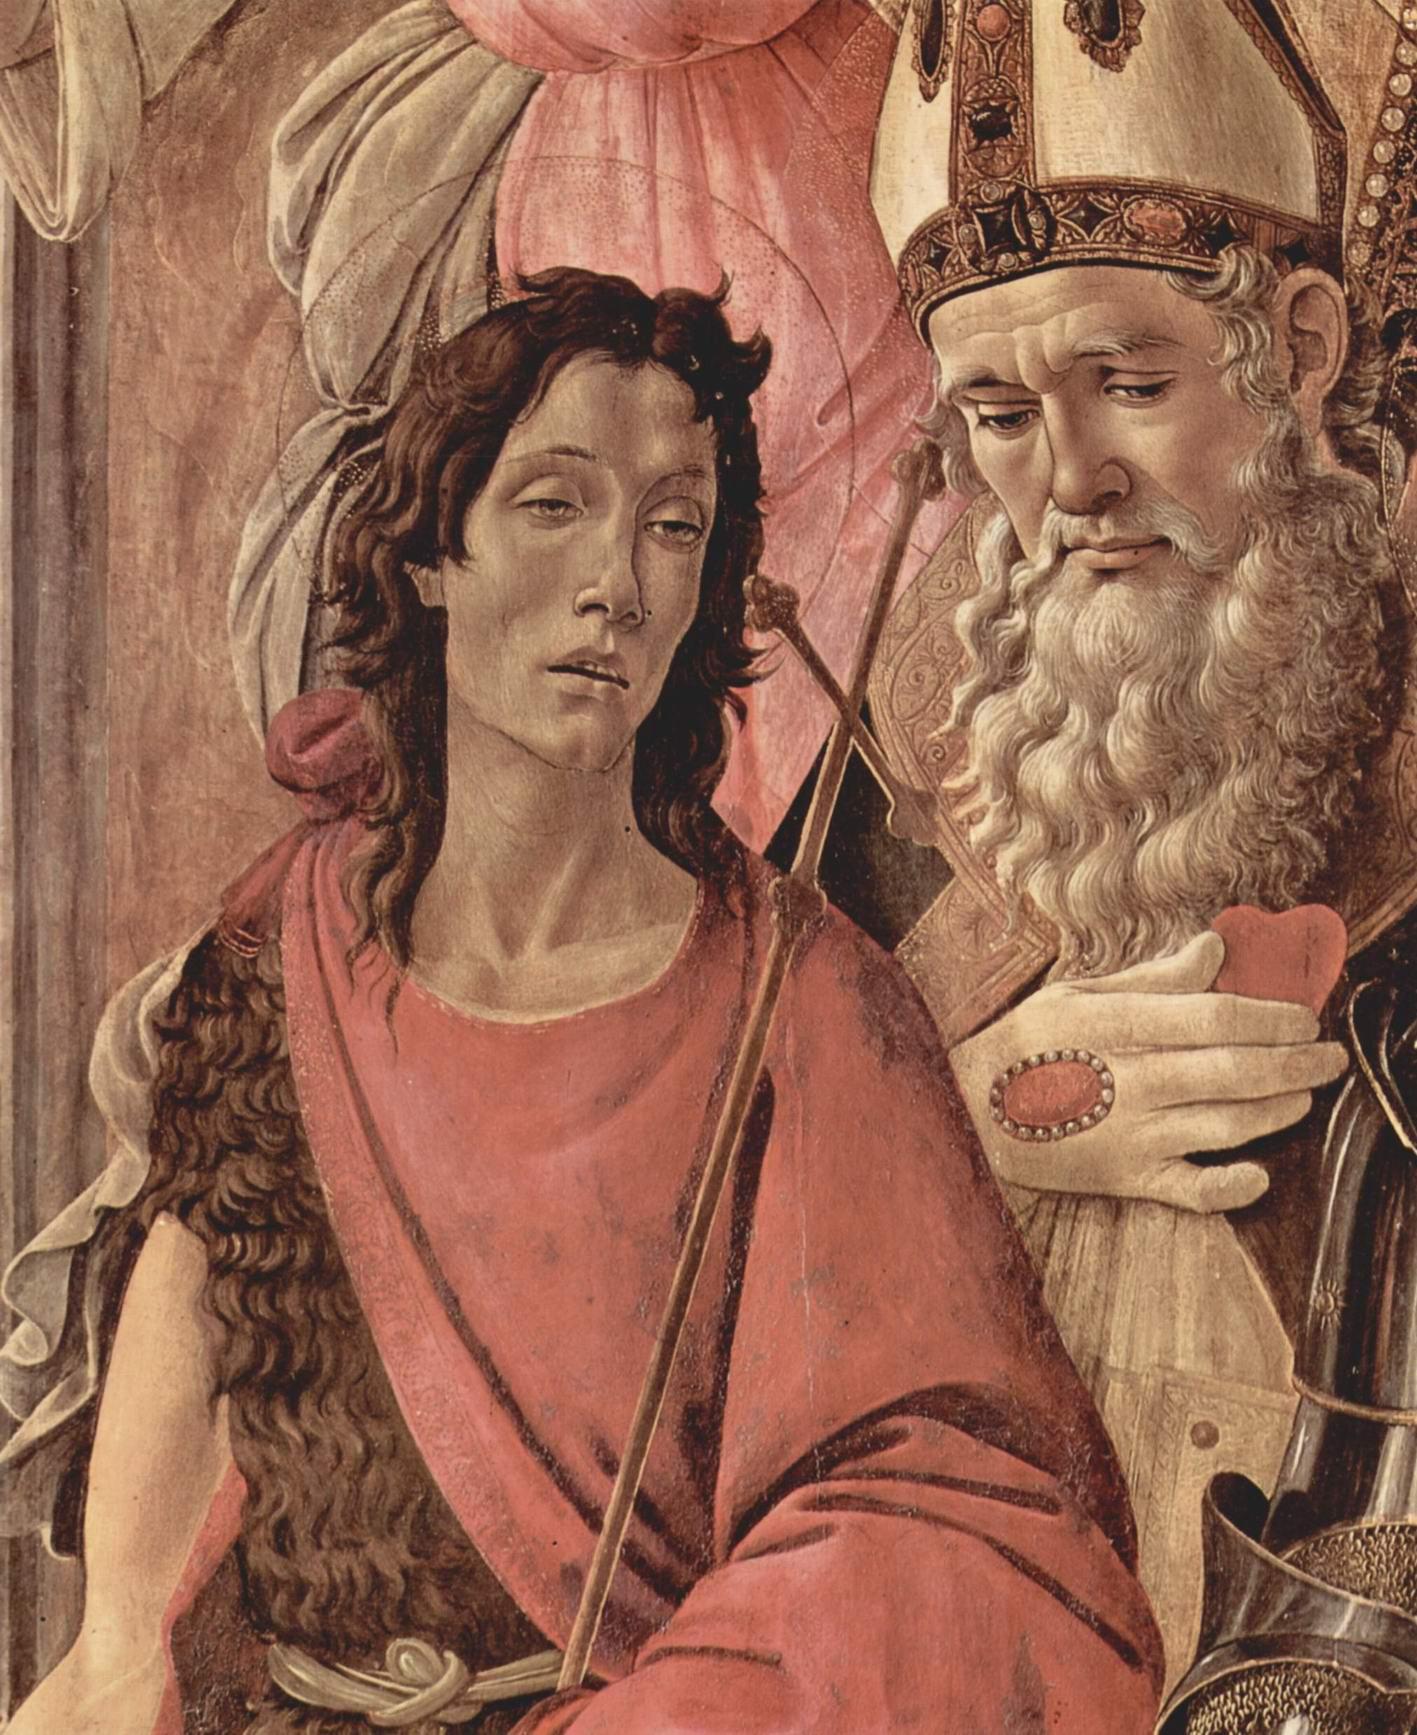 Алтарь, центральная часть  Мадонна на троне, четыре ангела и святые. Деталь  св. Иоанн Креститель и св. Игнатий, Сандро Боттичелли